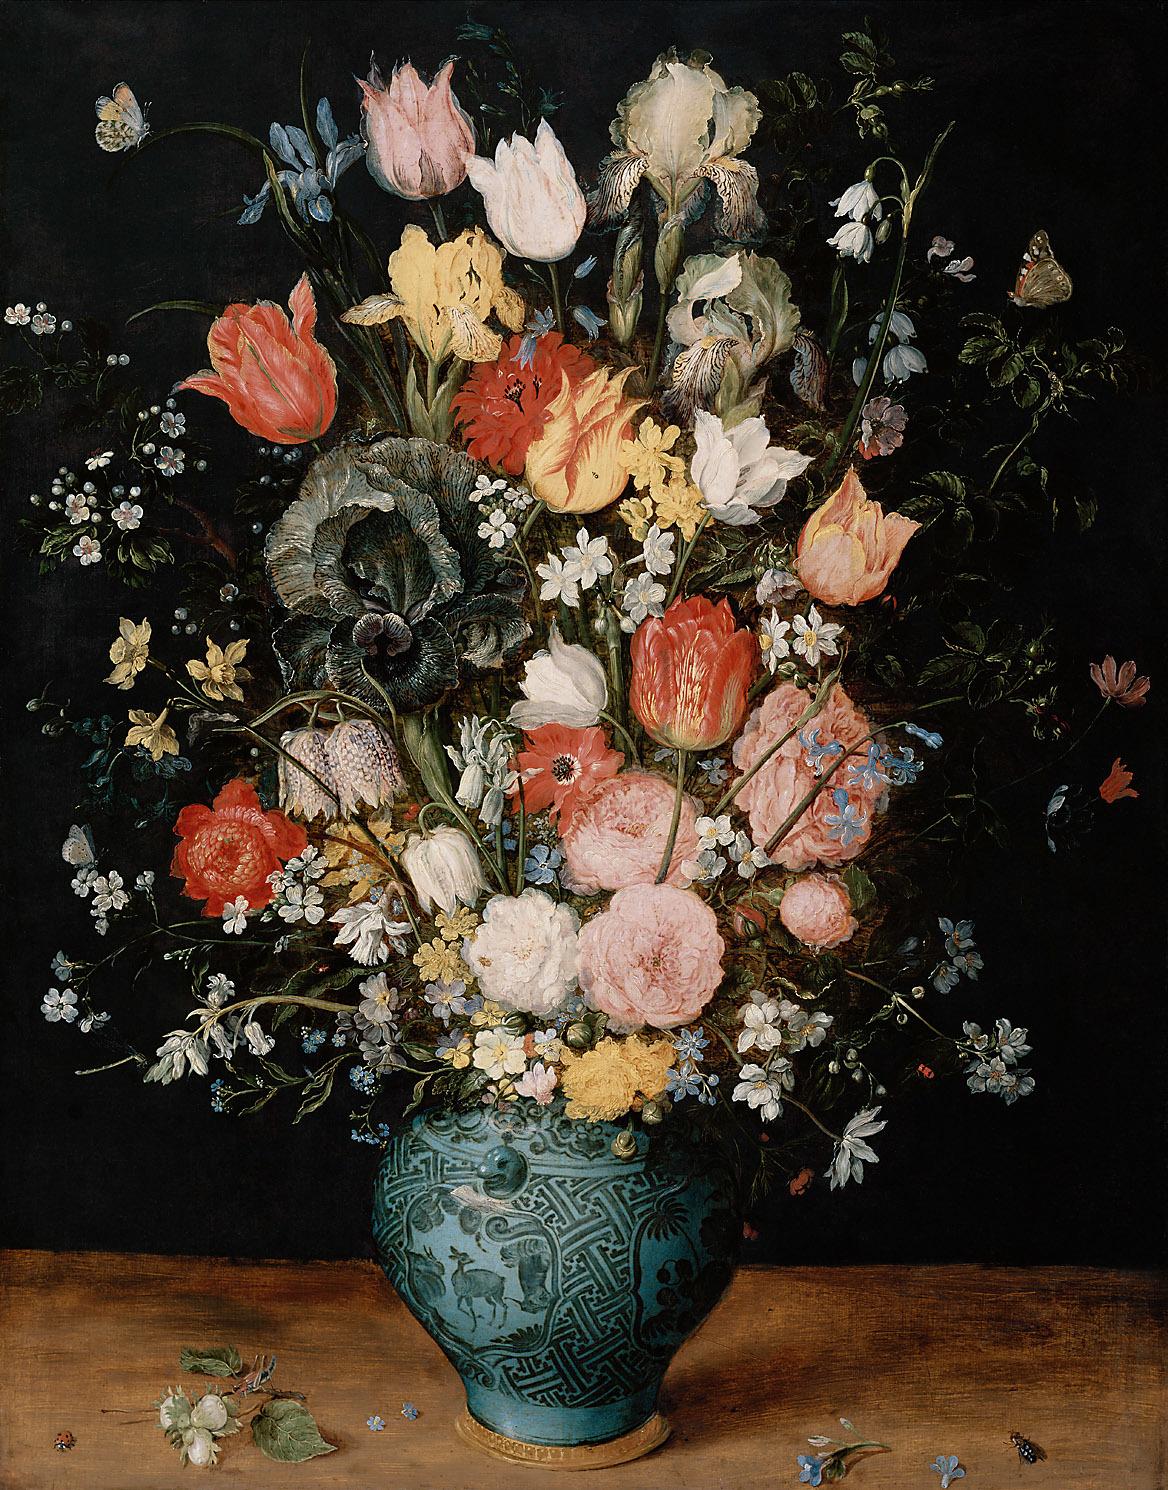 File:Jan Brueghel (I) - Bouquet of flowers in a blue vase.jpg - Wikimedia Commons